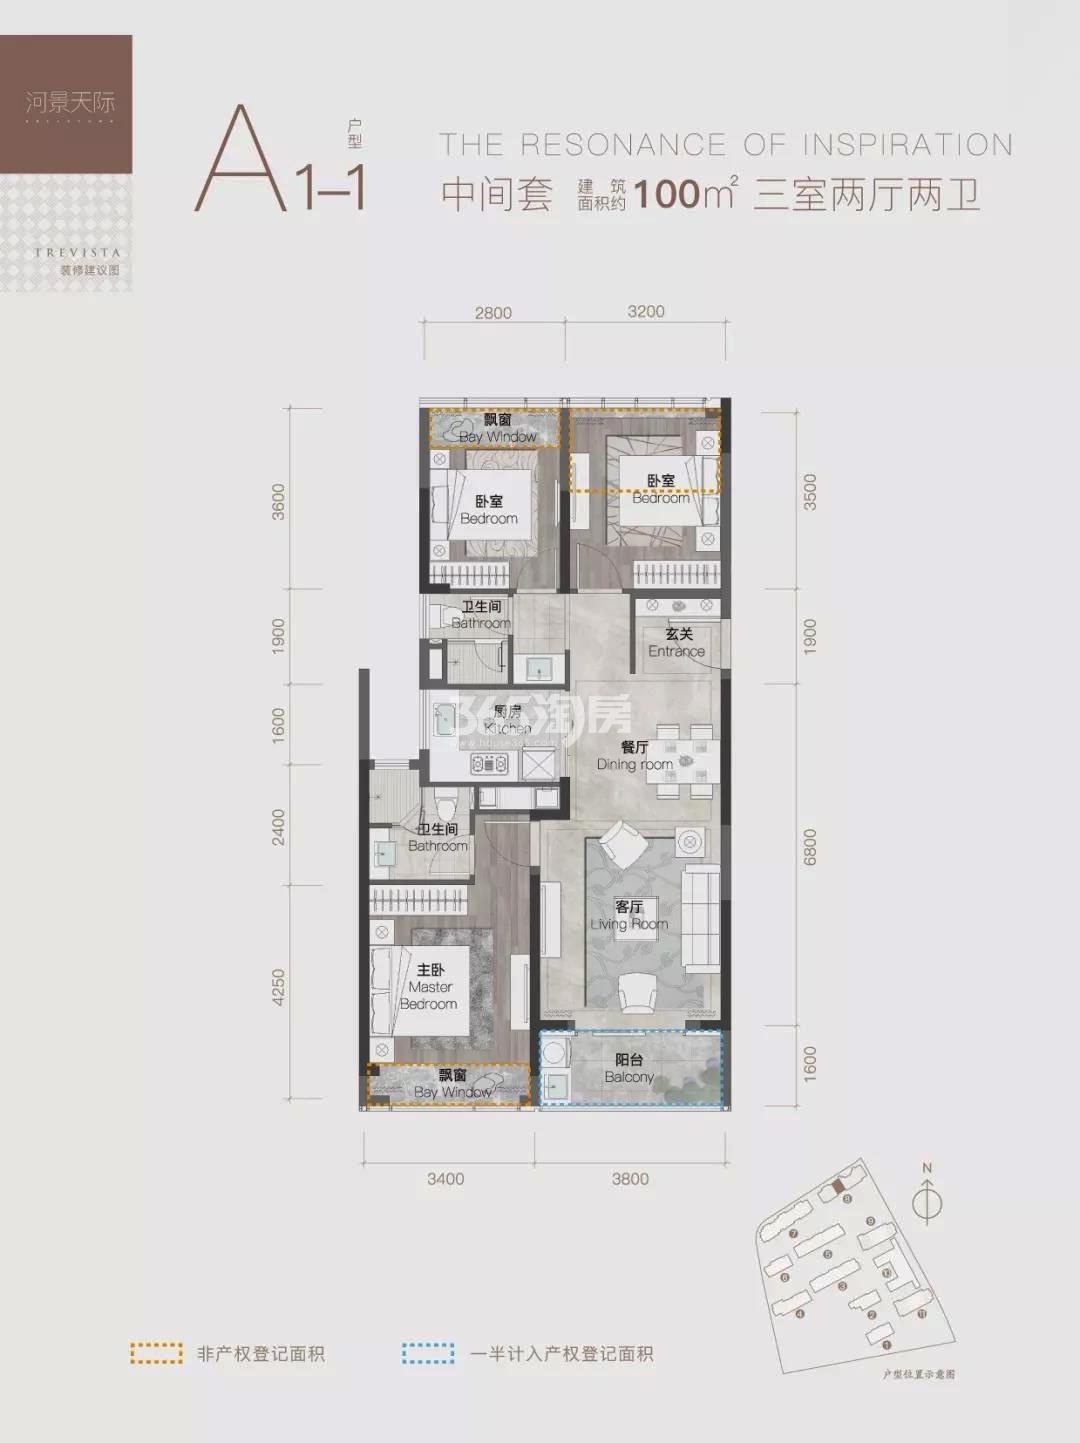 绿城建发沁园高层8号楼中间套A1户型 约100㎡